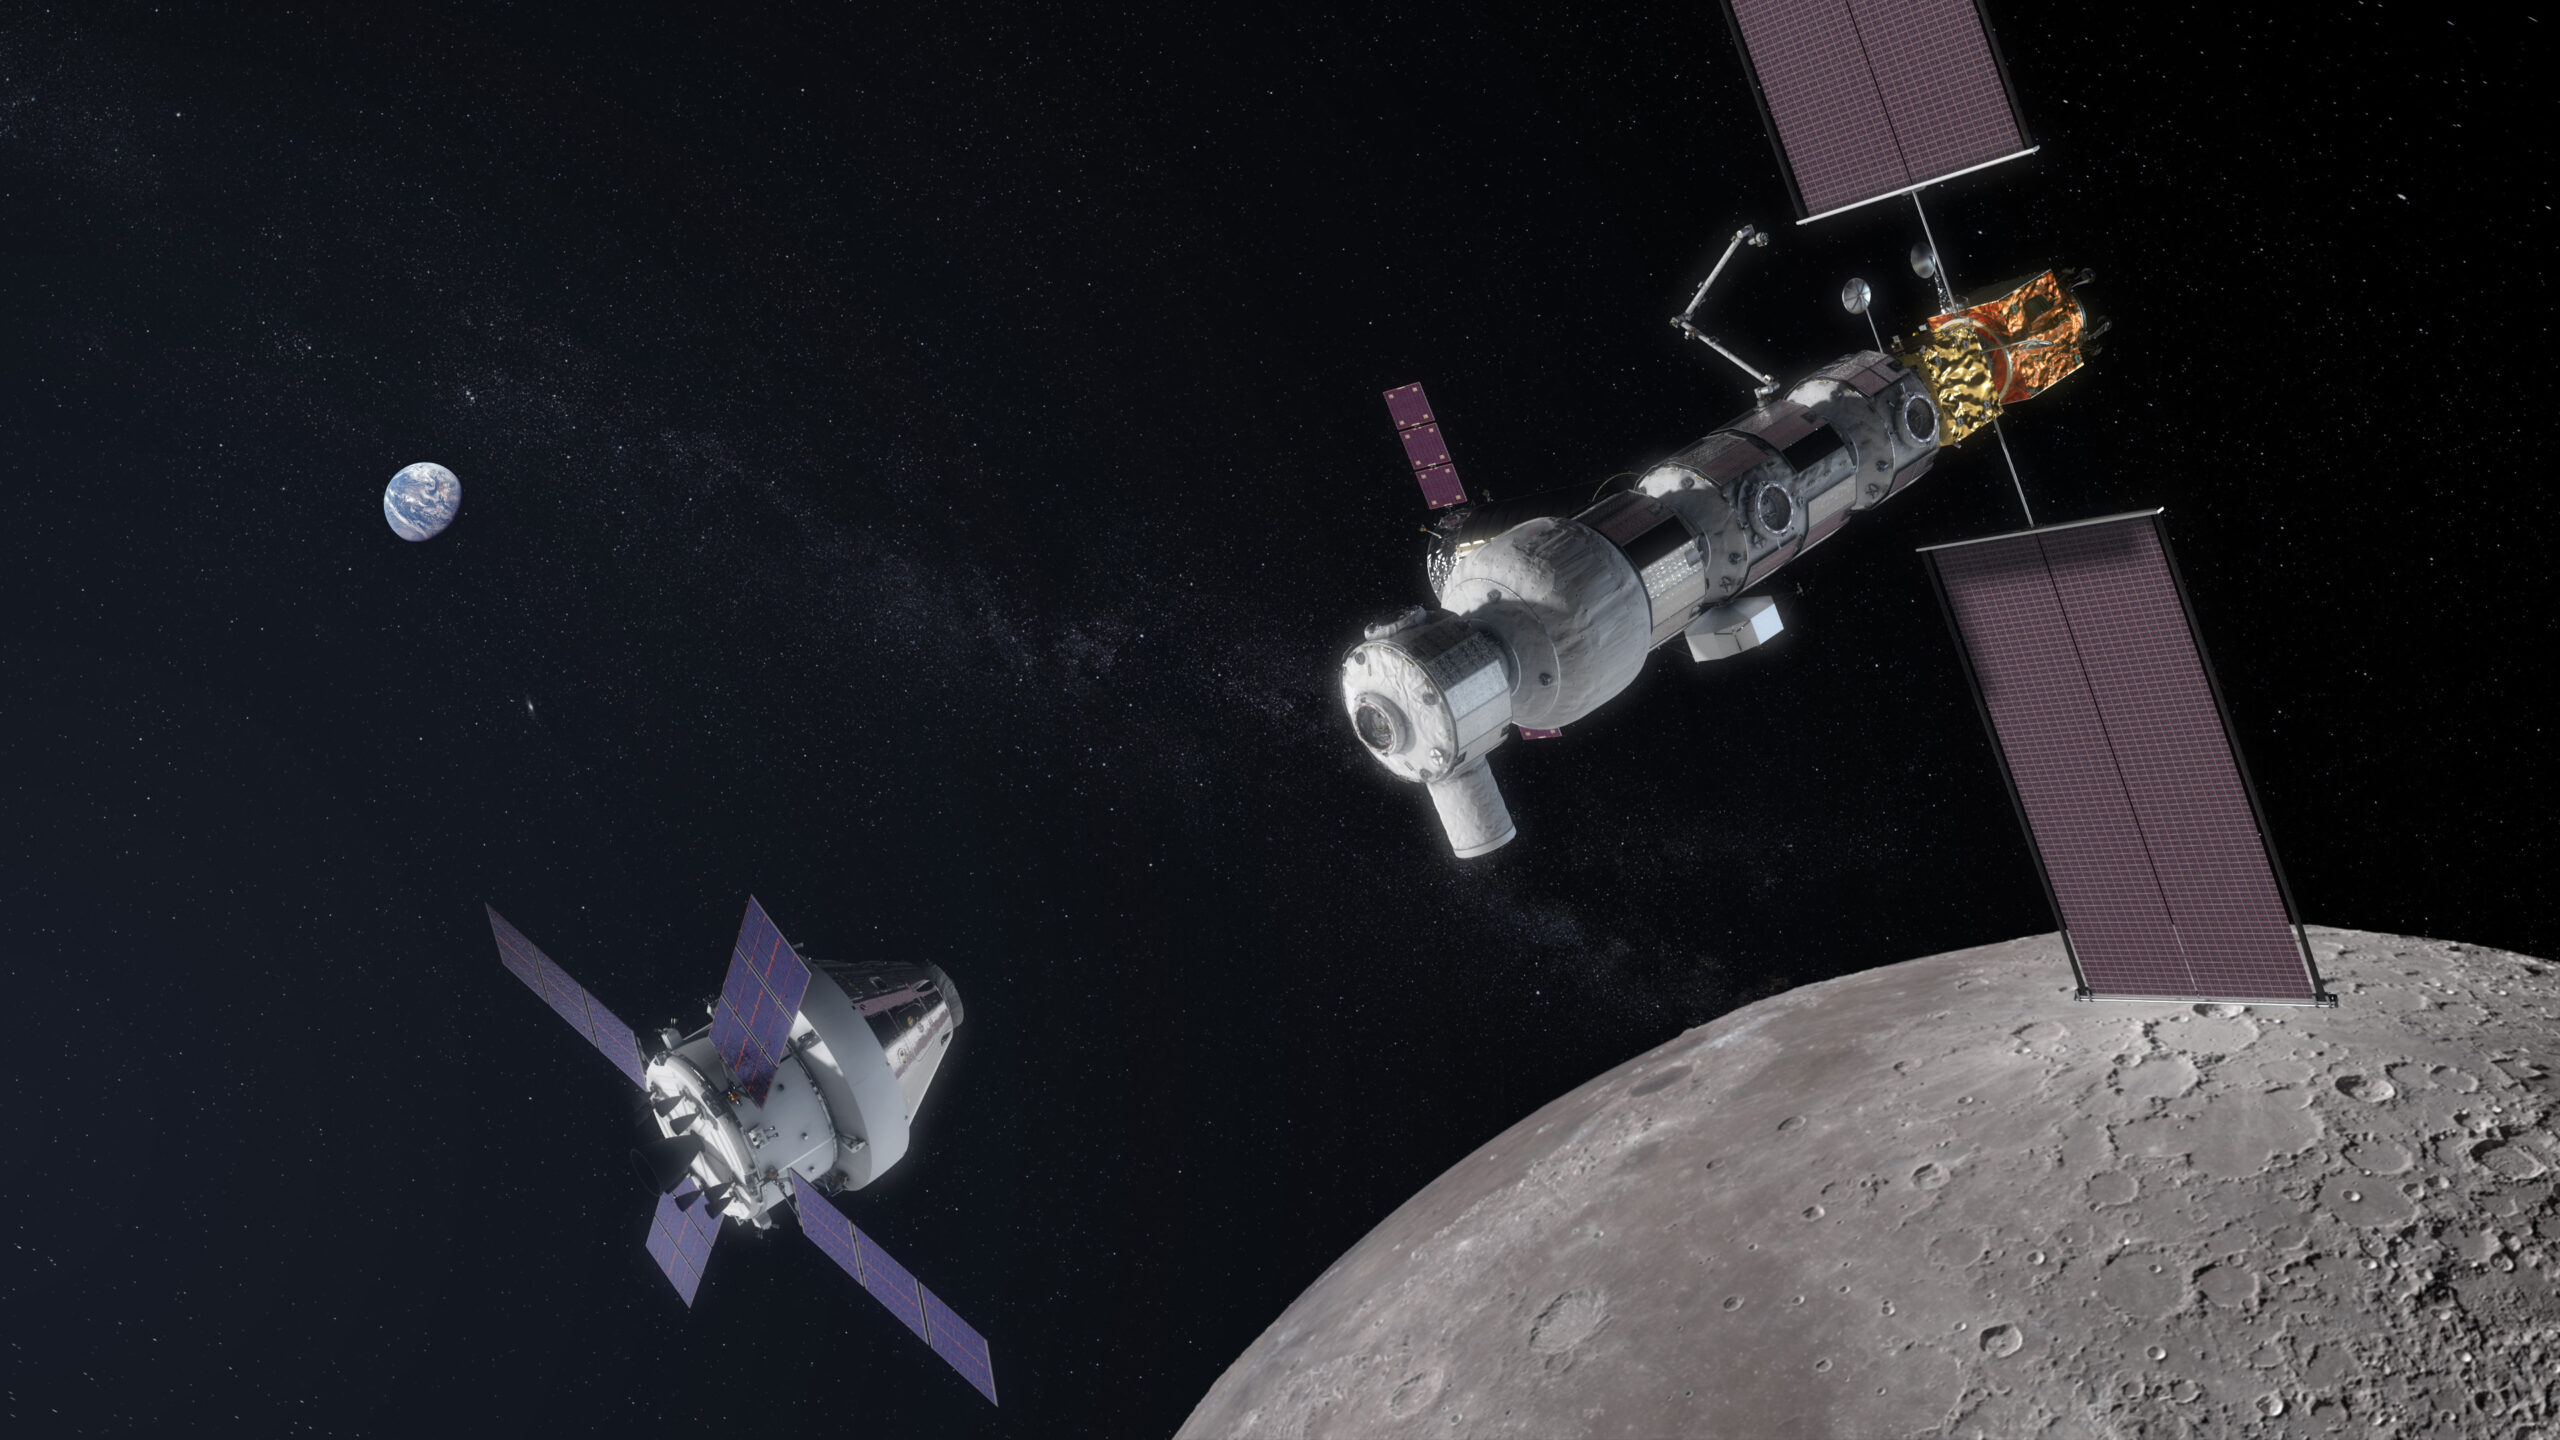 НАСА обустроит метеостанцию на орбите Луны